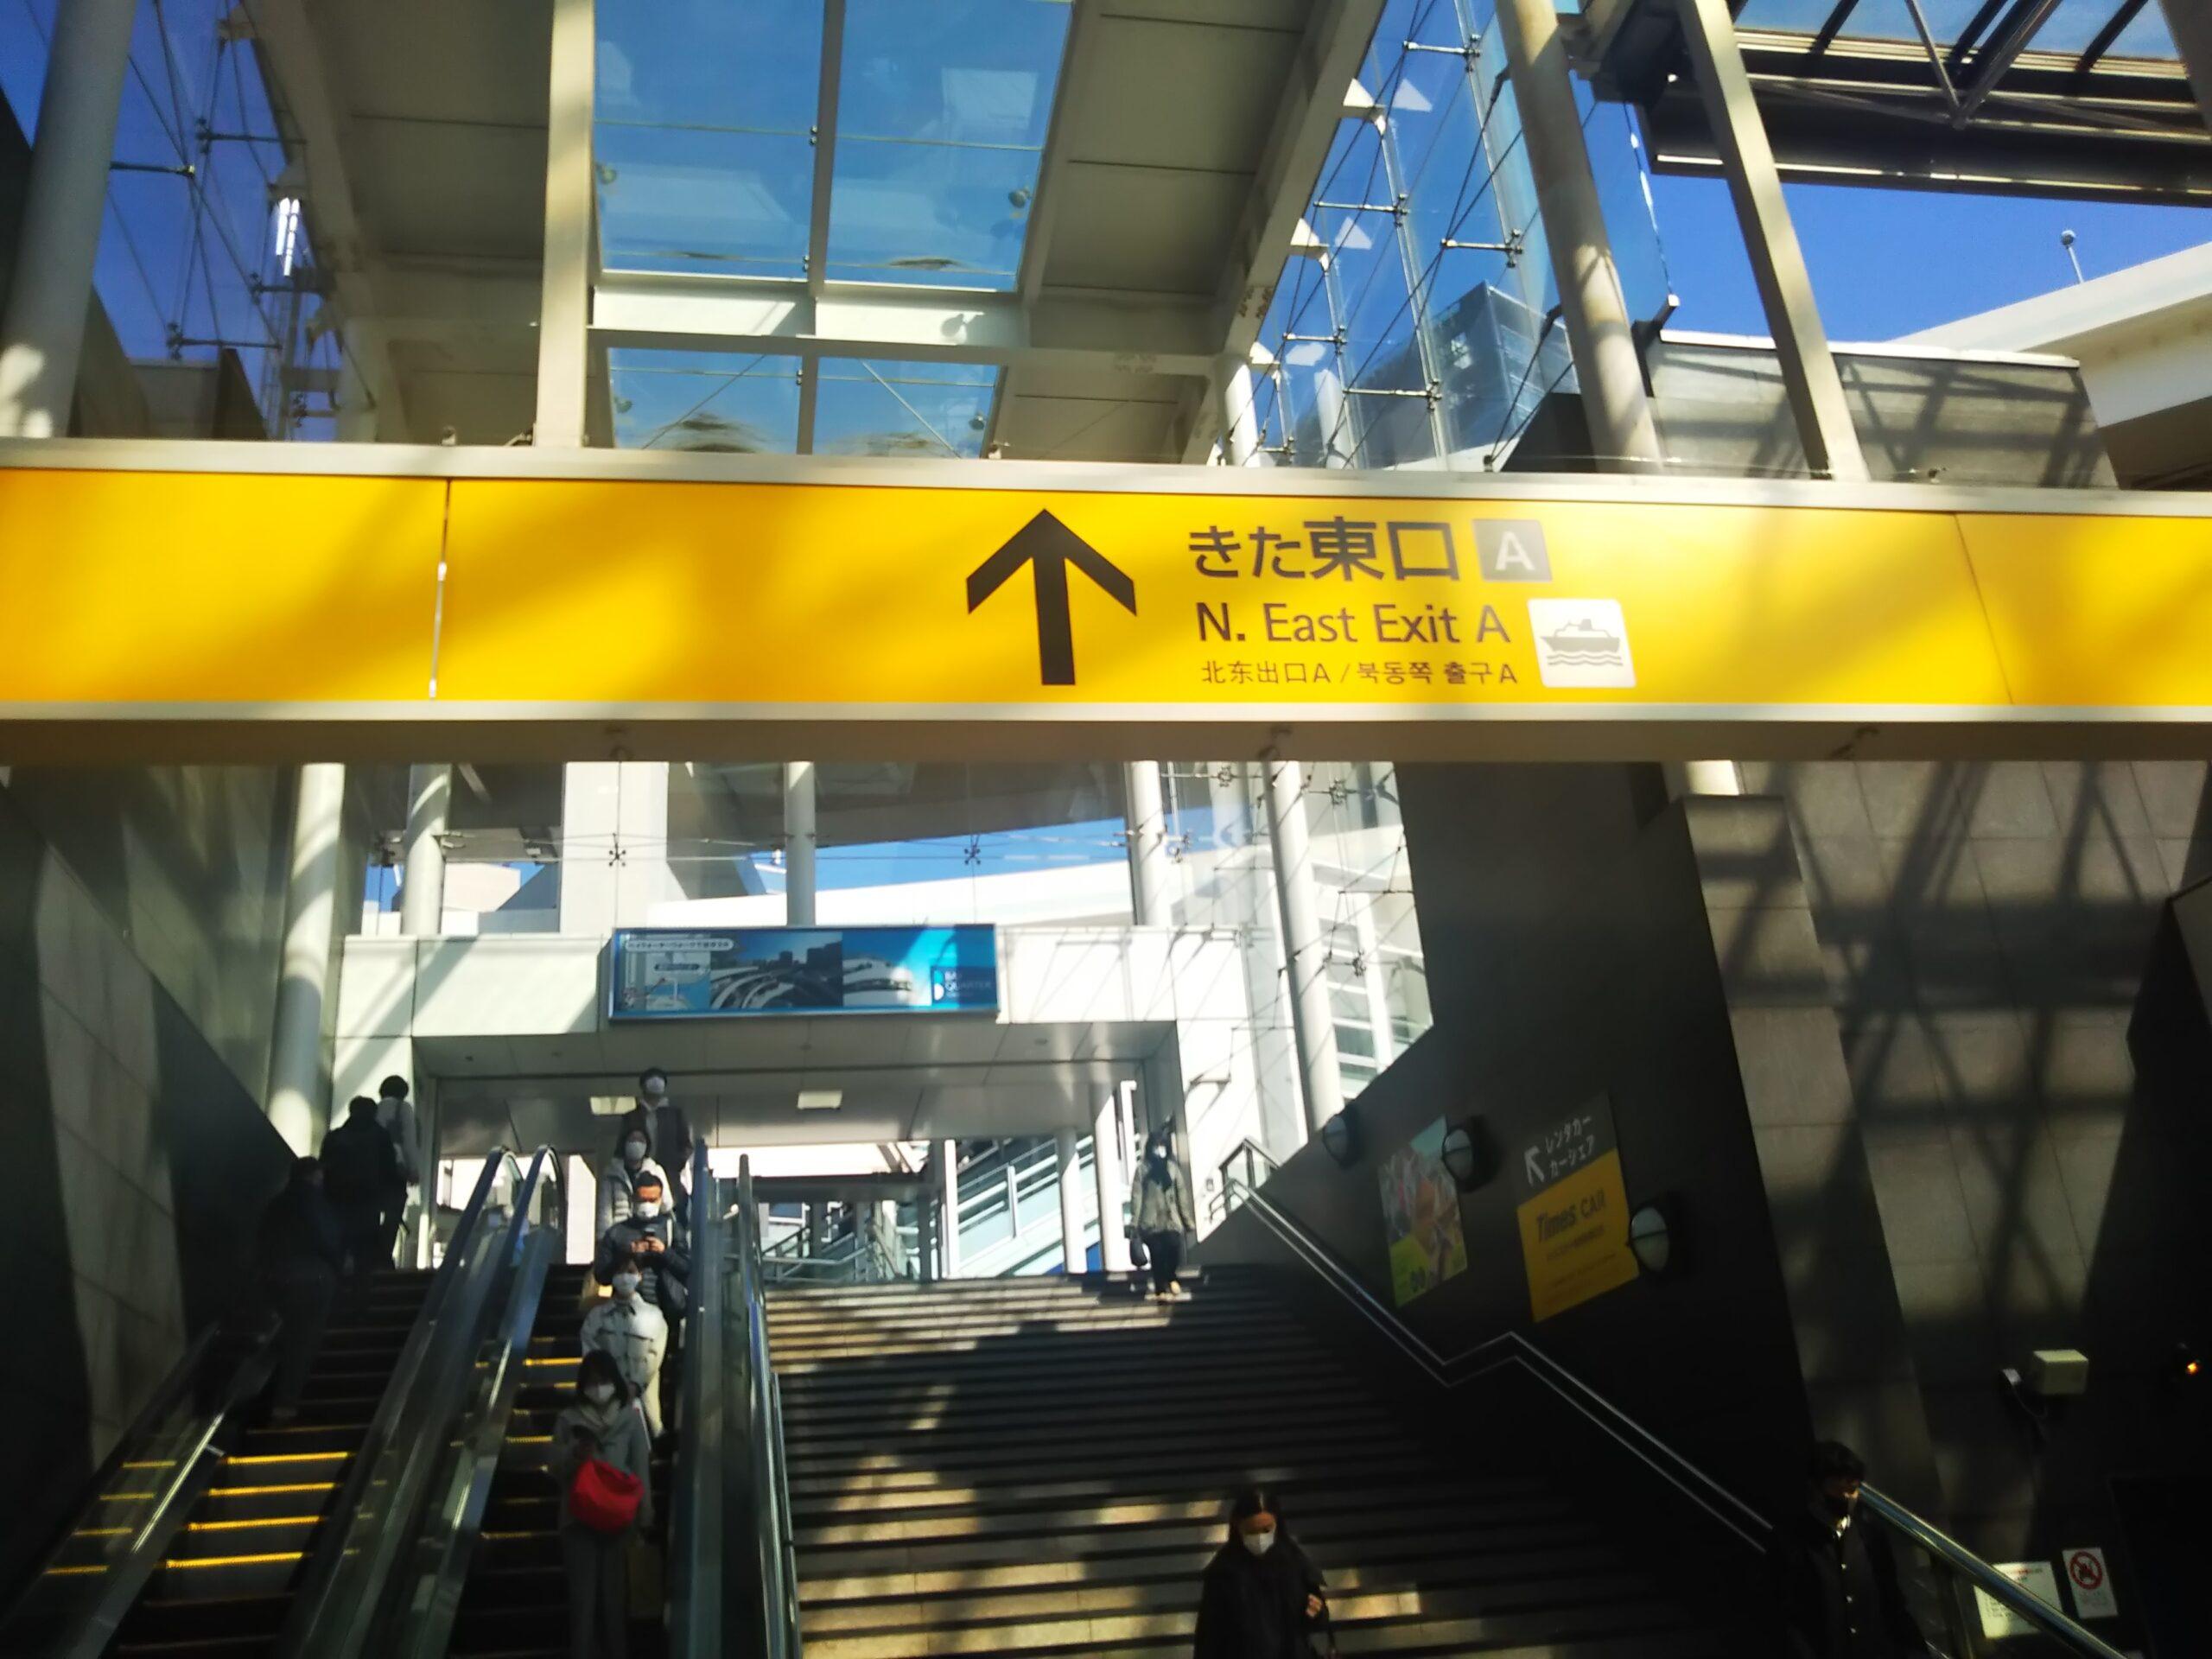 横浜駅きた東口